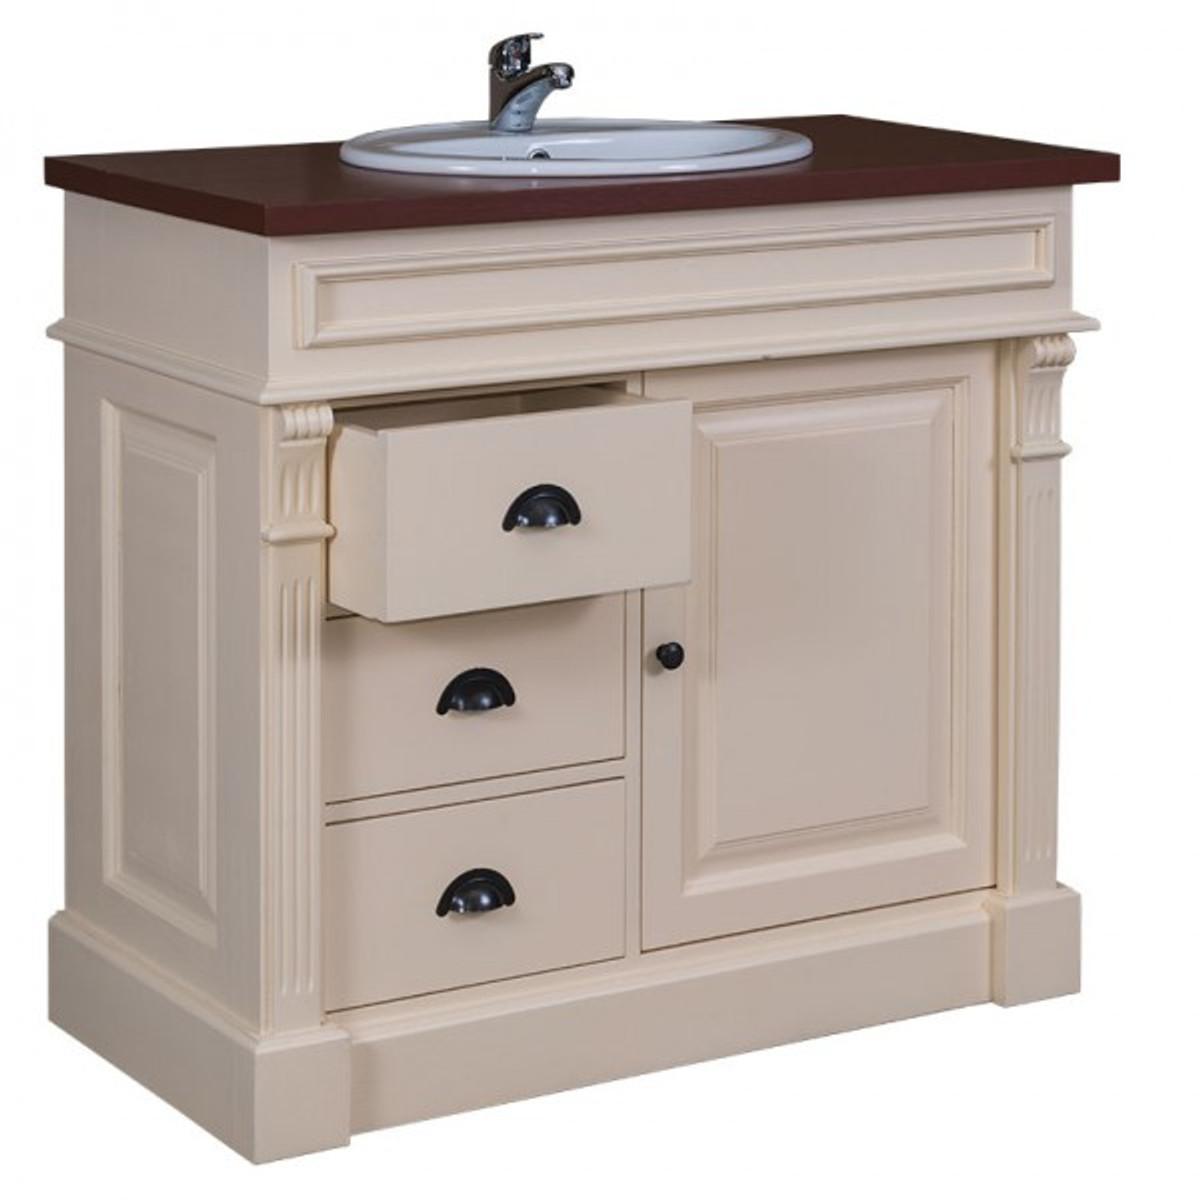 casa padrino landhaus stil waschschrank waschtisch inkl 1. Black Bedroom Furniture Sets. Home Design Ideas